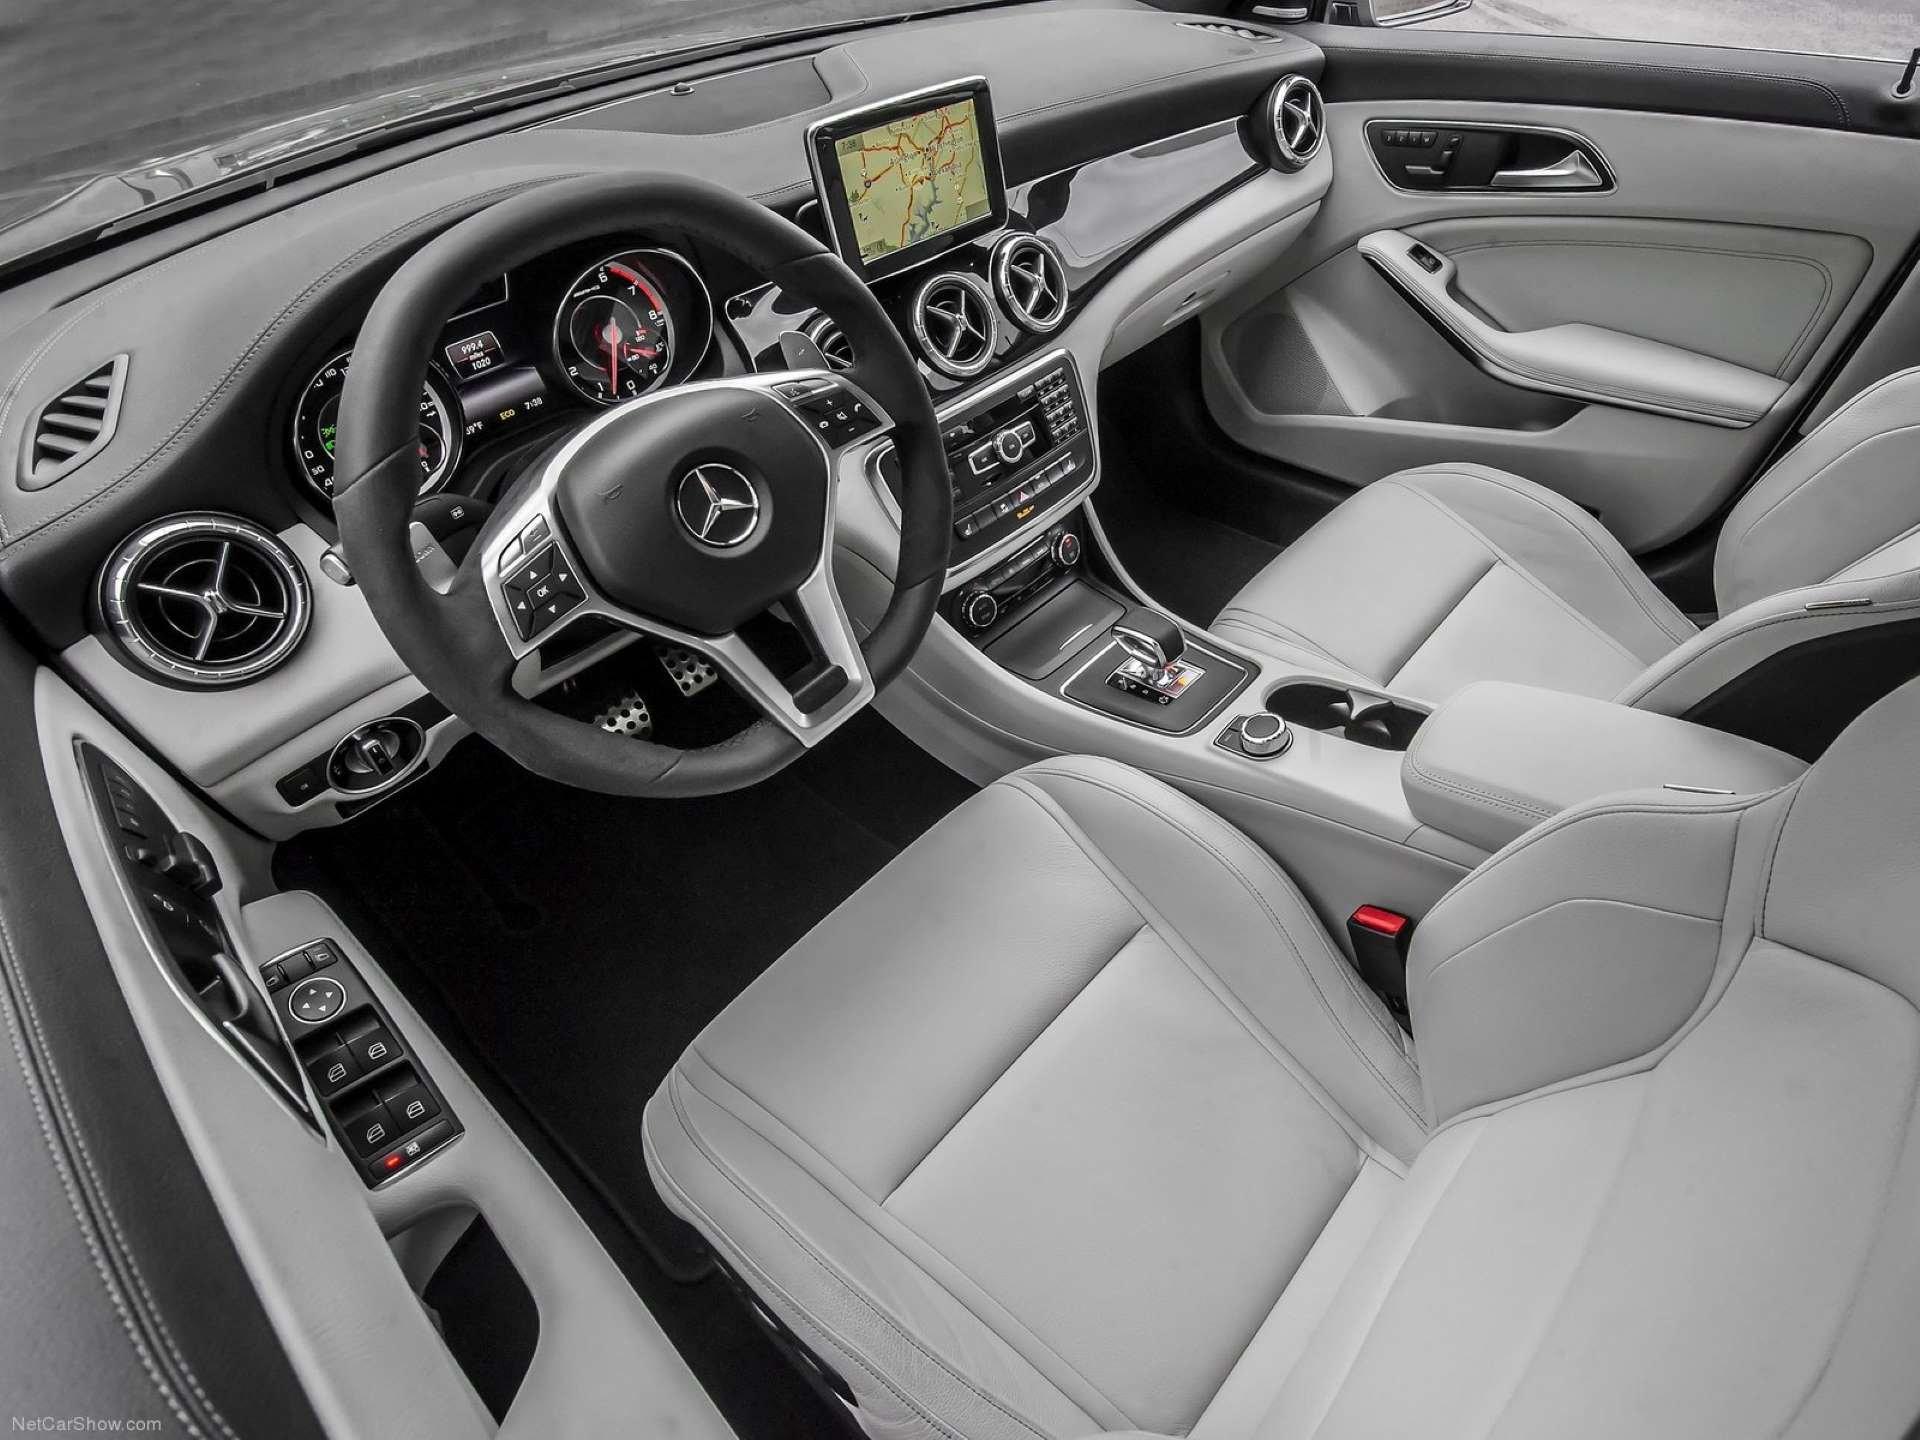 Best FWD Under $25k Mercedes-Benz CLA250 interior